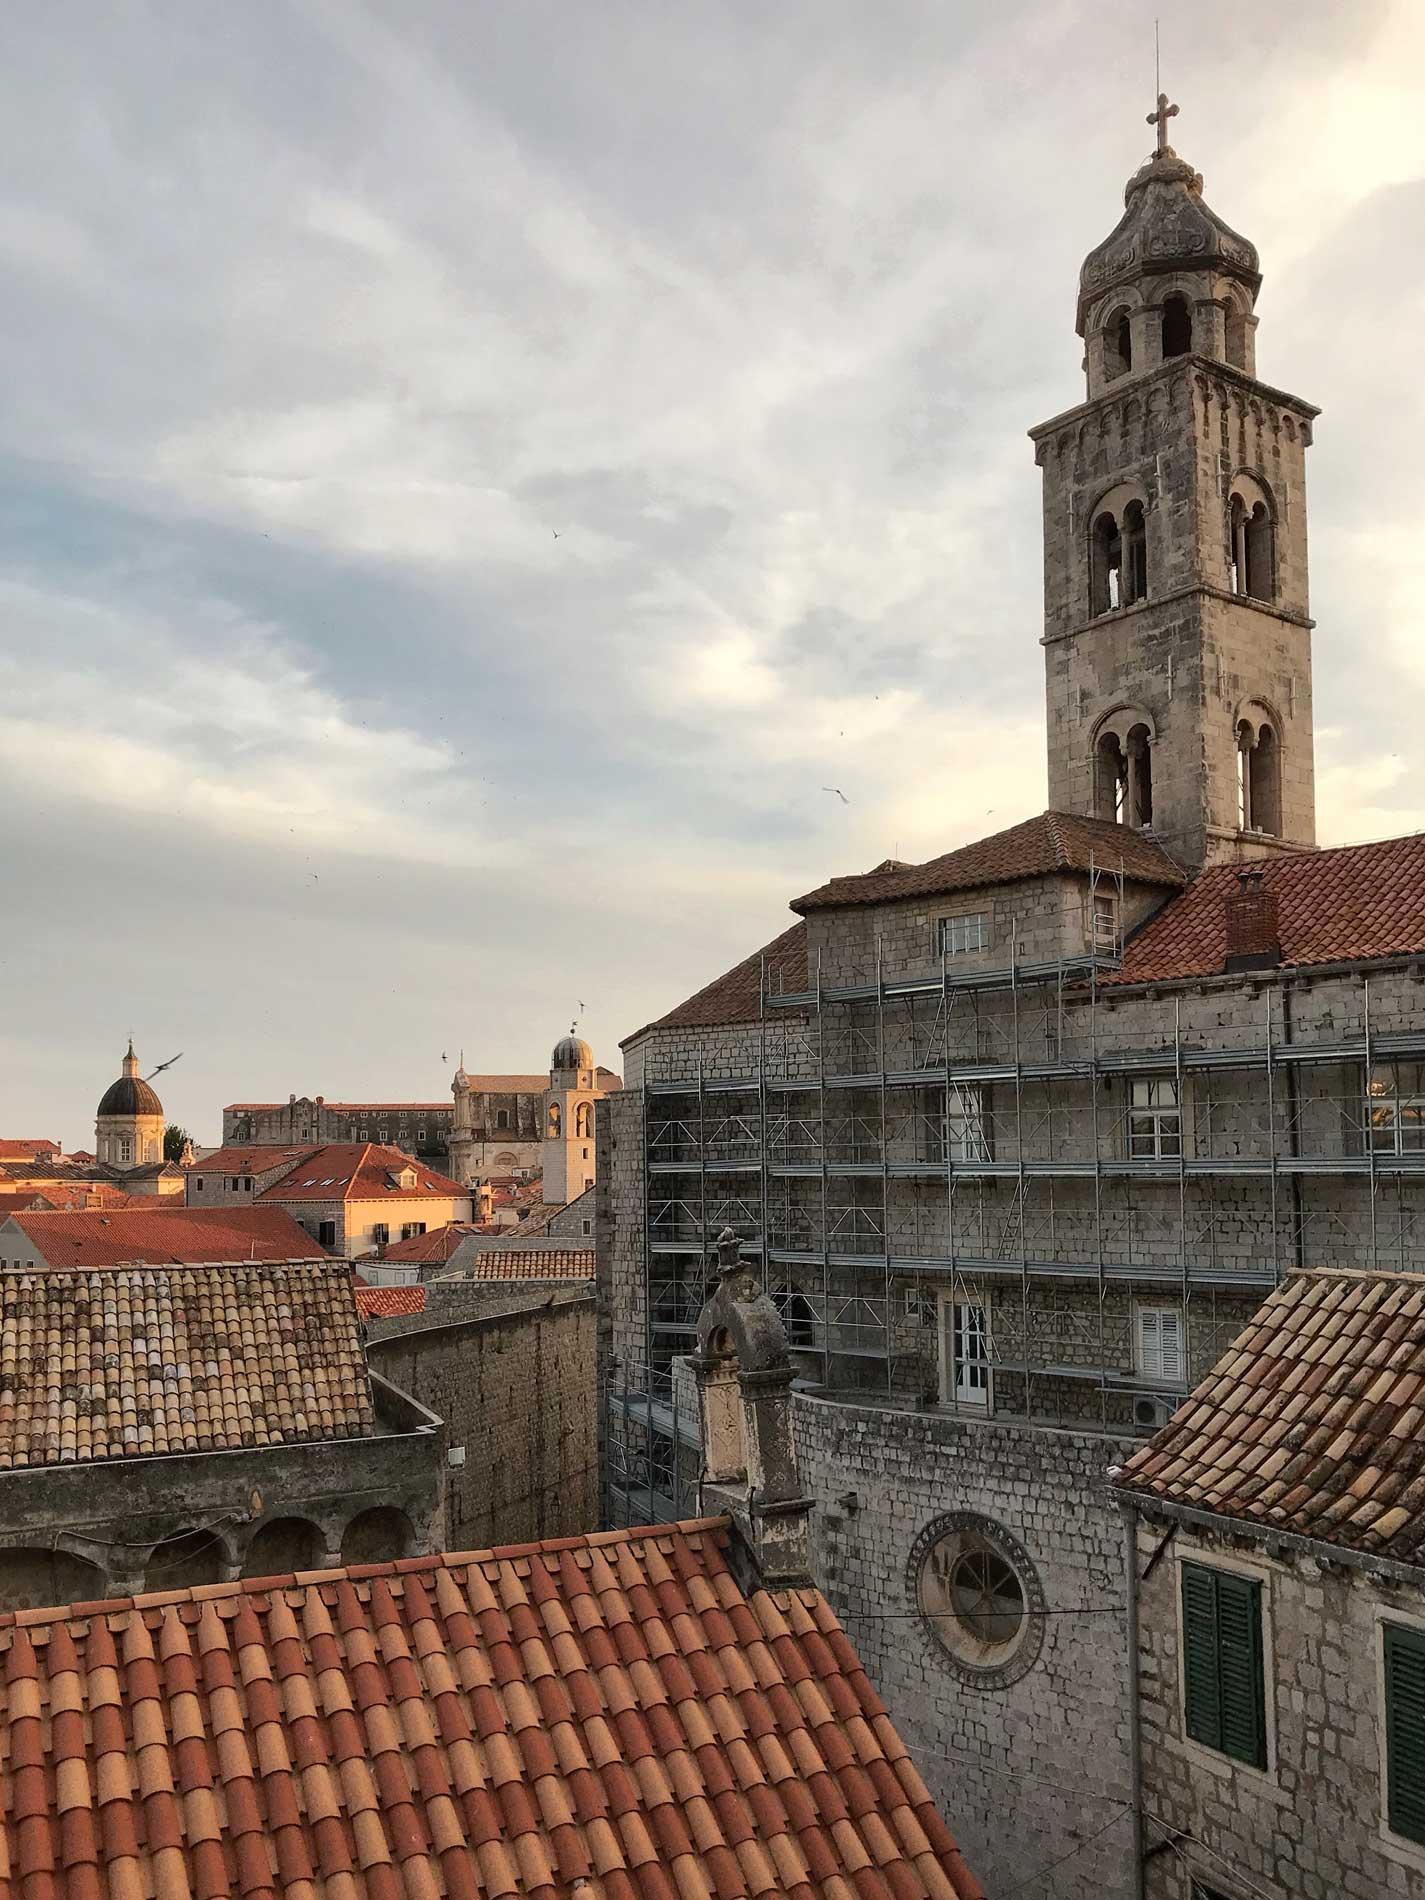 Dubrovnik-Croazia-vista-dalle-mura-Monastero-benedettino-campanile